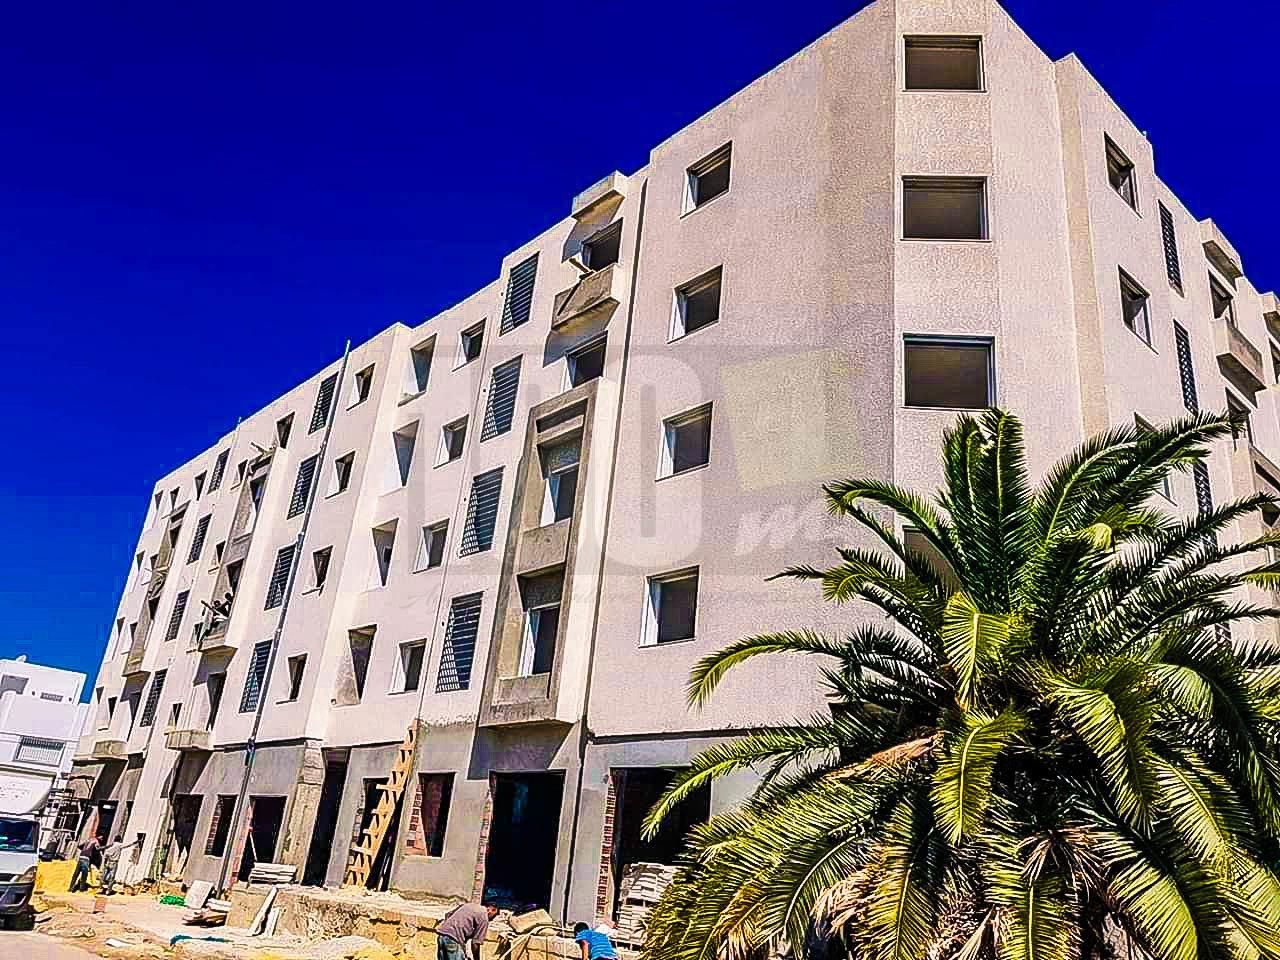 Vente des appartements de haut standing à Ben Arous